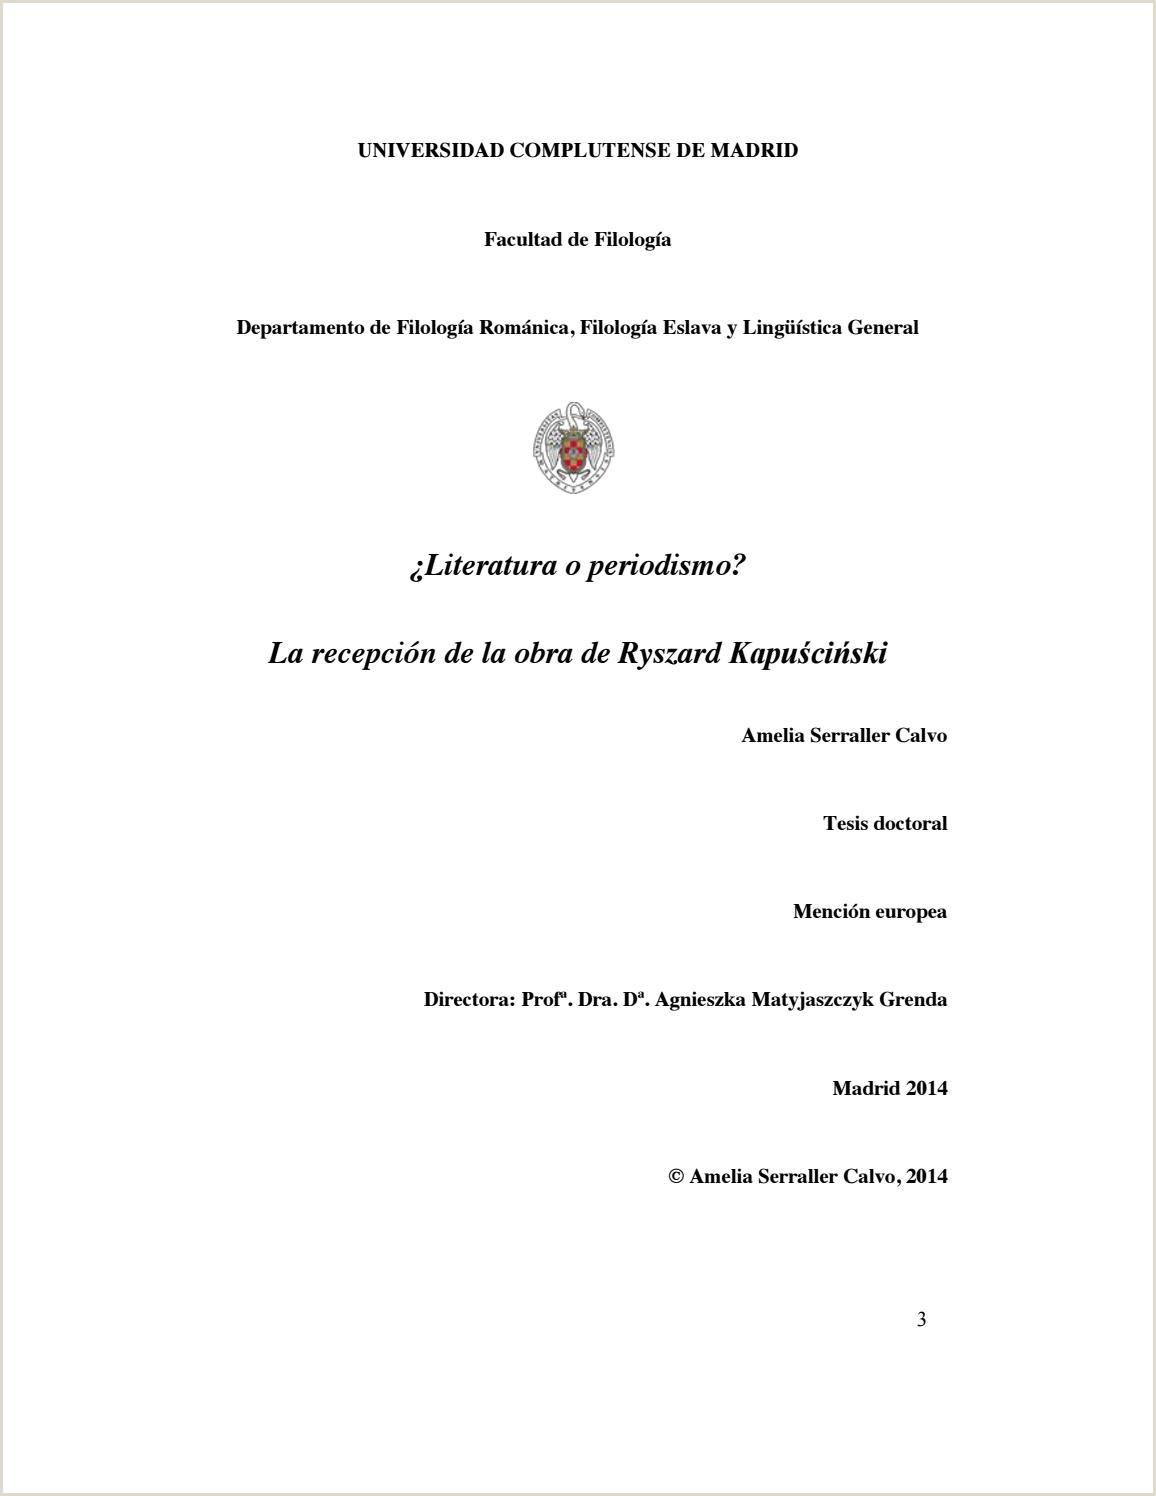 Formato Hoja De Vida Impactante Literatura O Periodismo La Recepci³n De La Obra De Ryzard